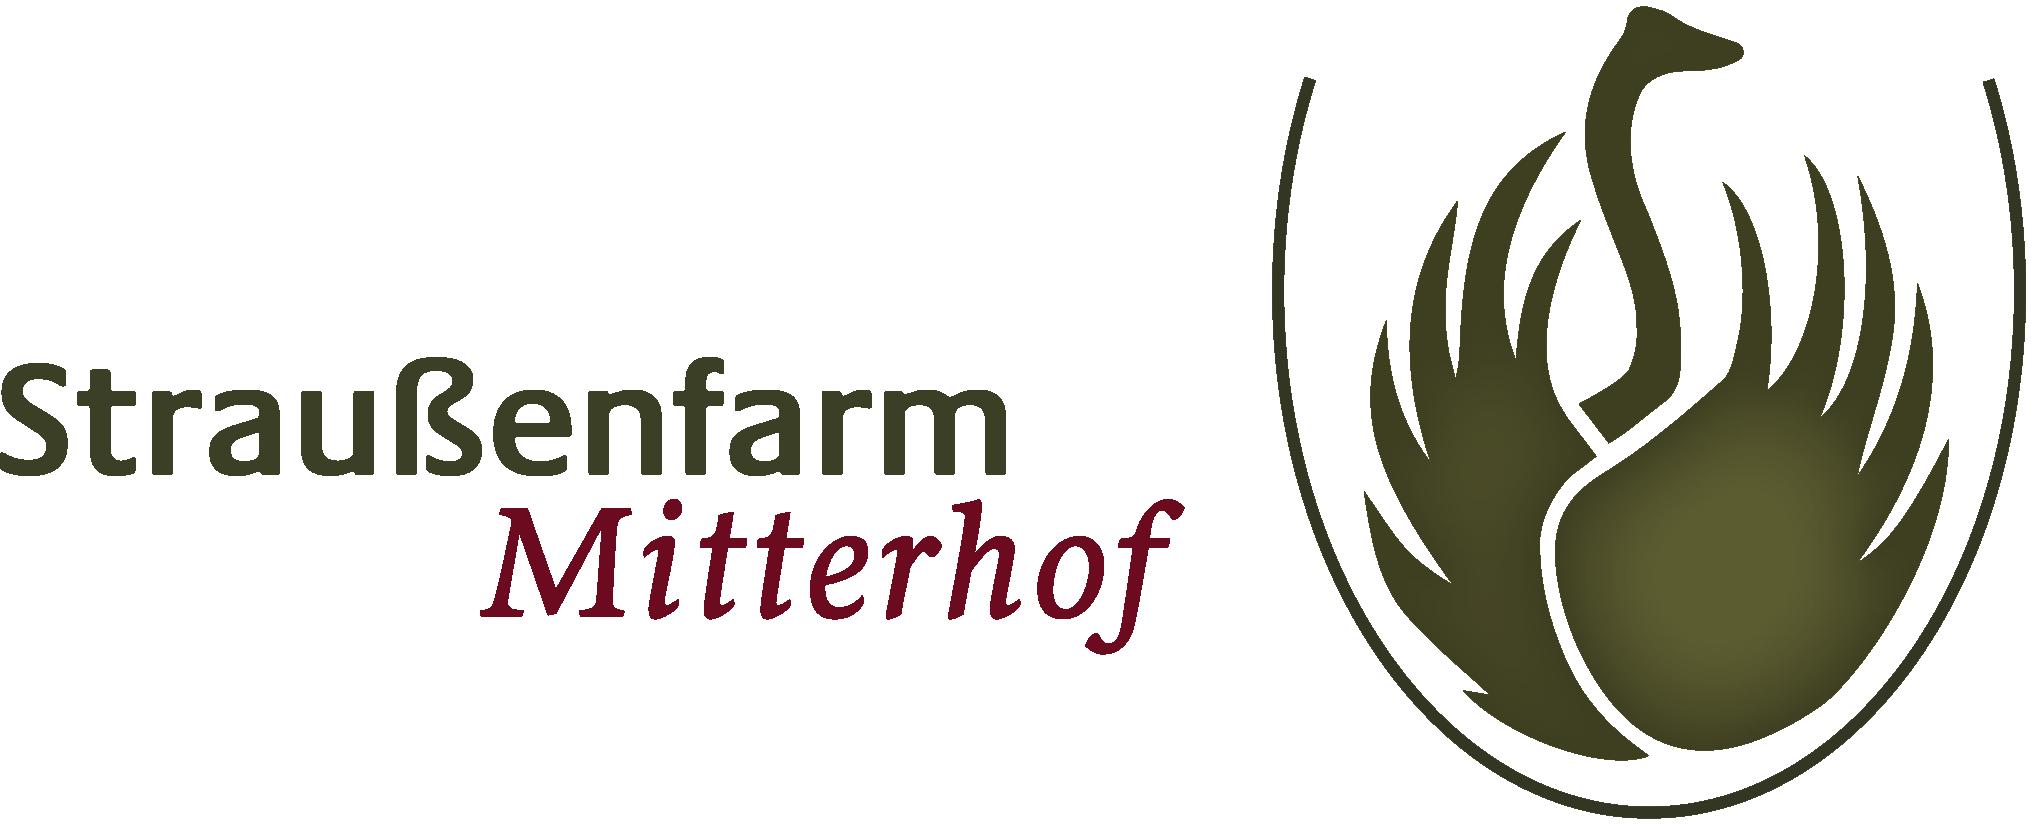 Straußenfarm Mitterhof